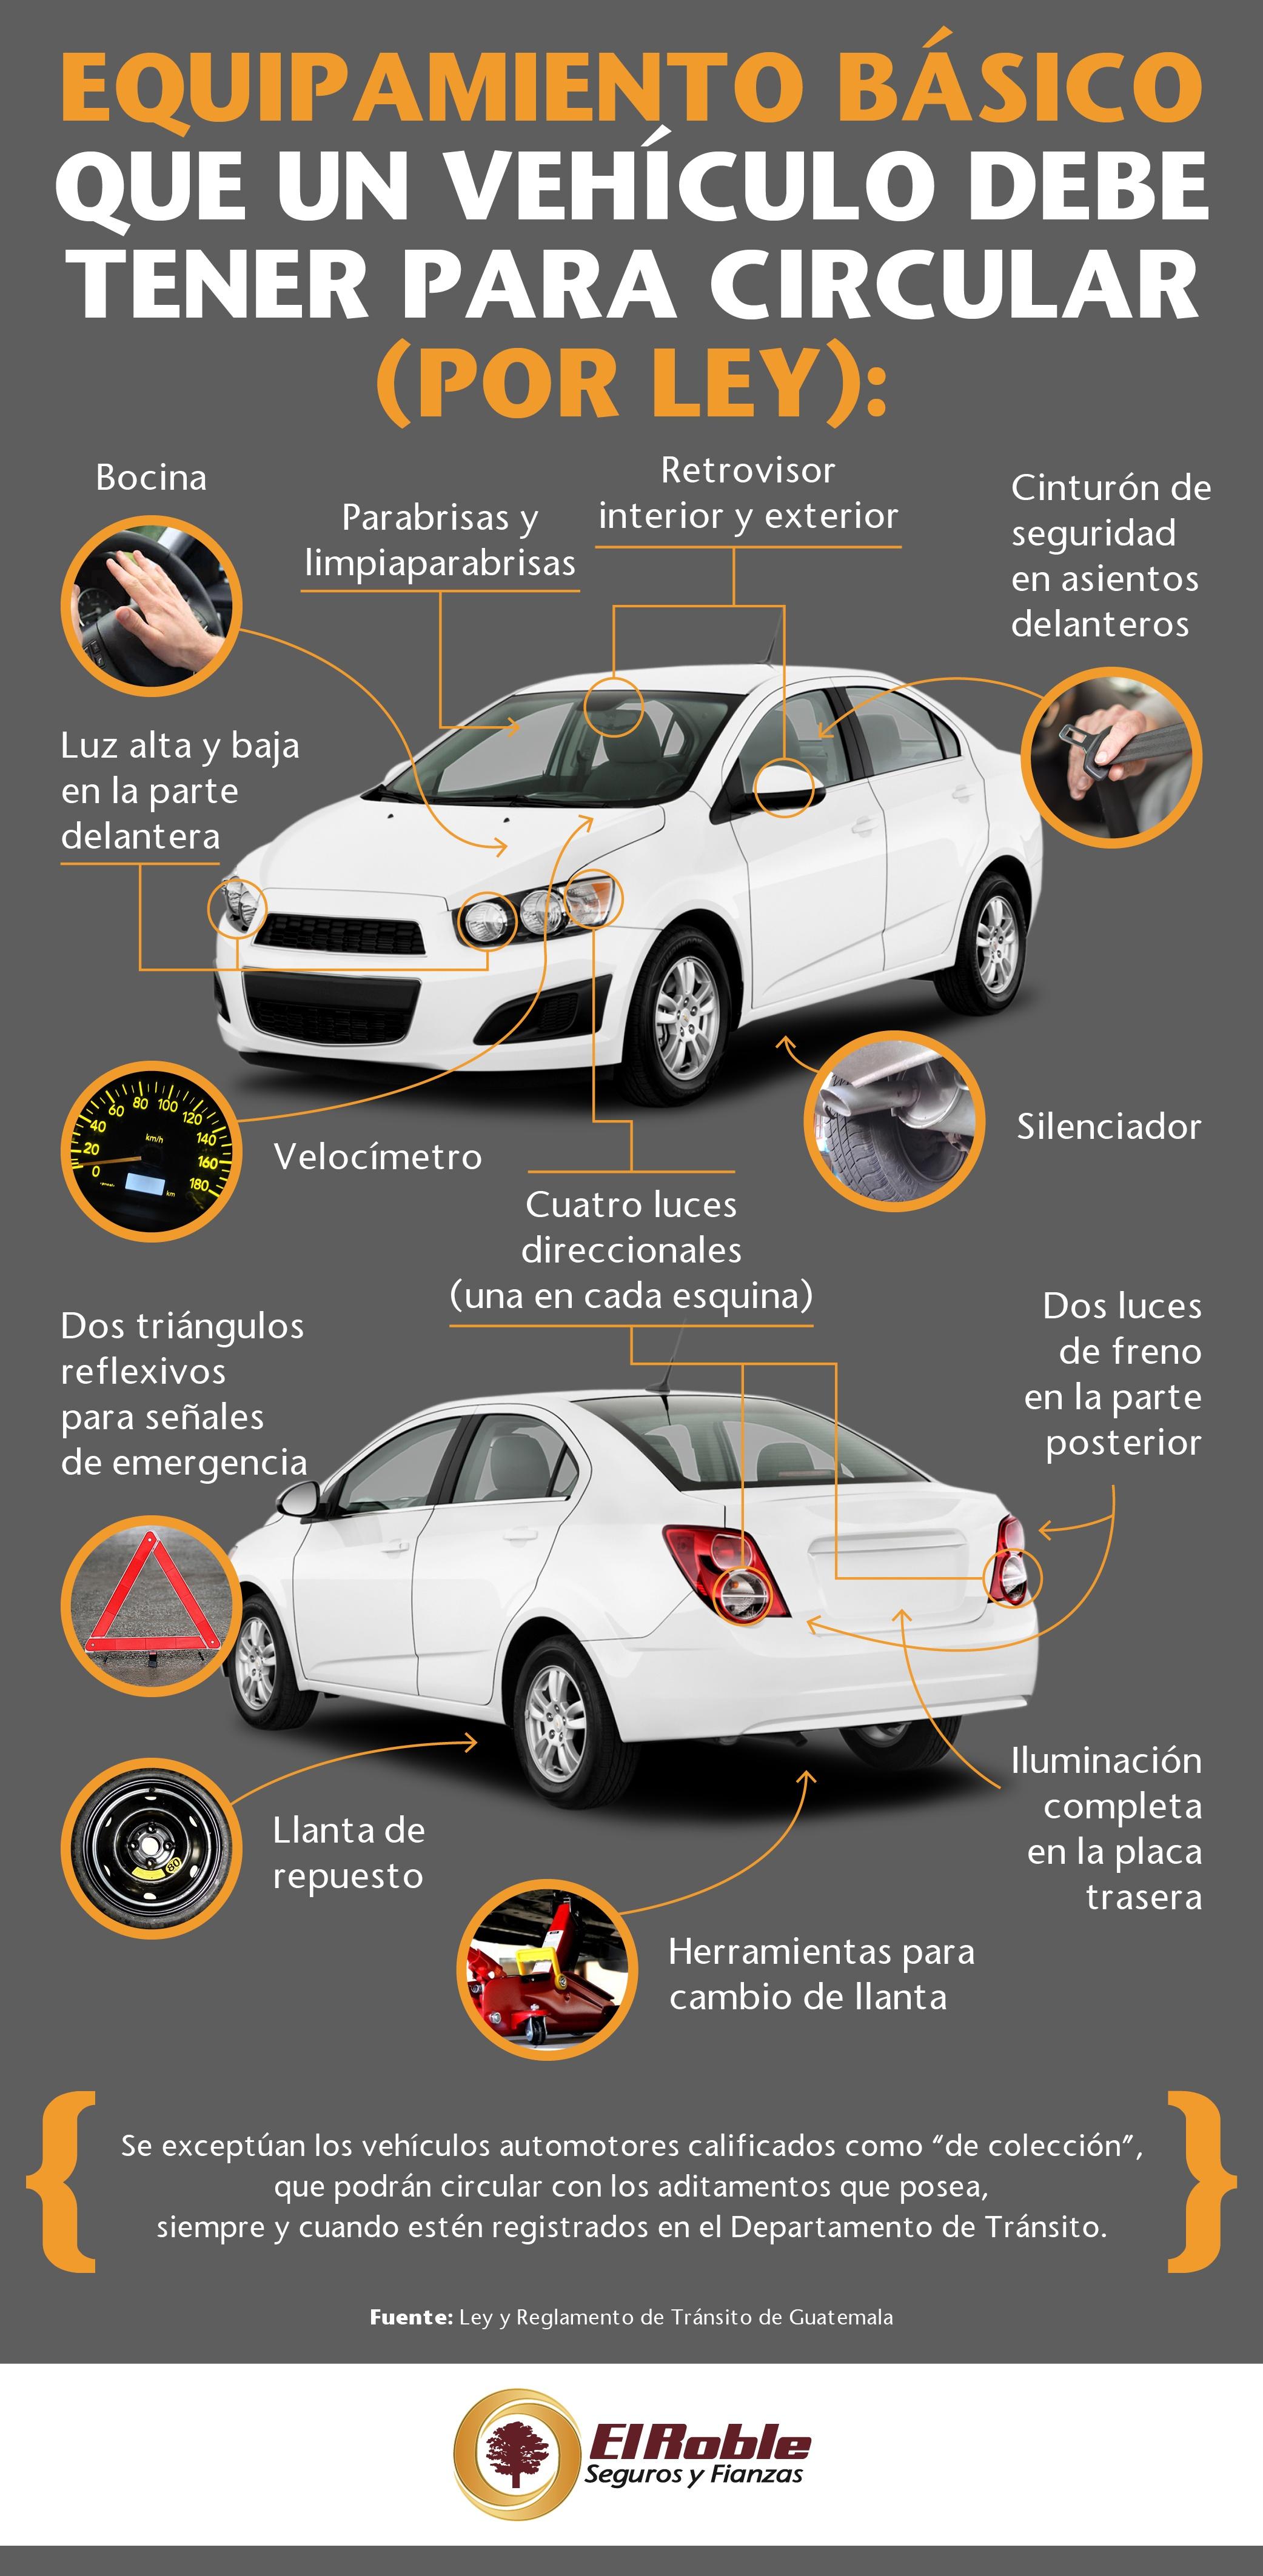 Equipamiento básico que un vehículo debe tener para circular en Guatemala